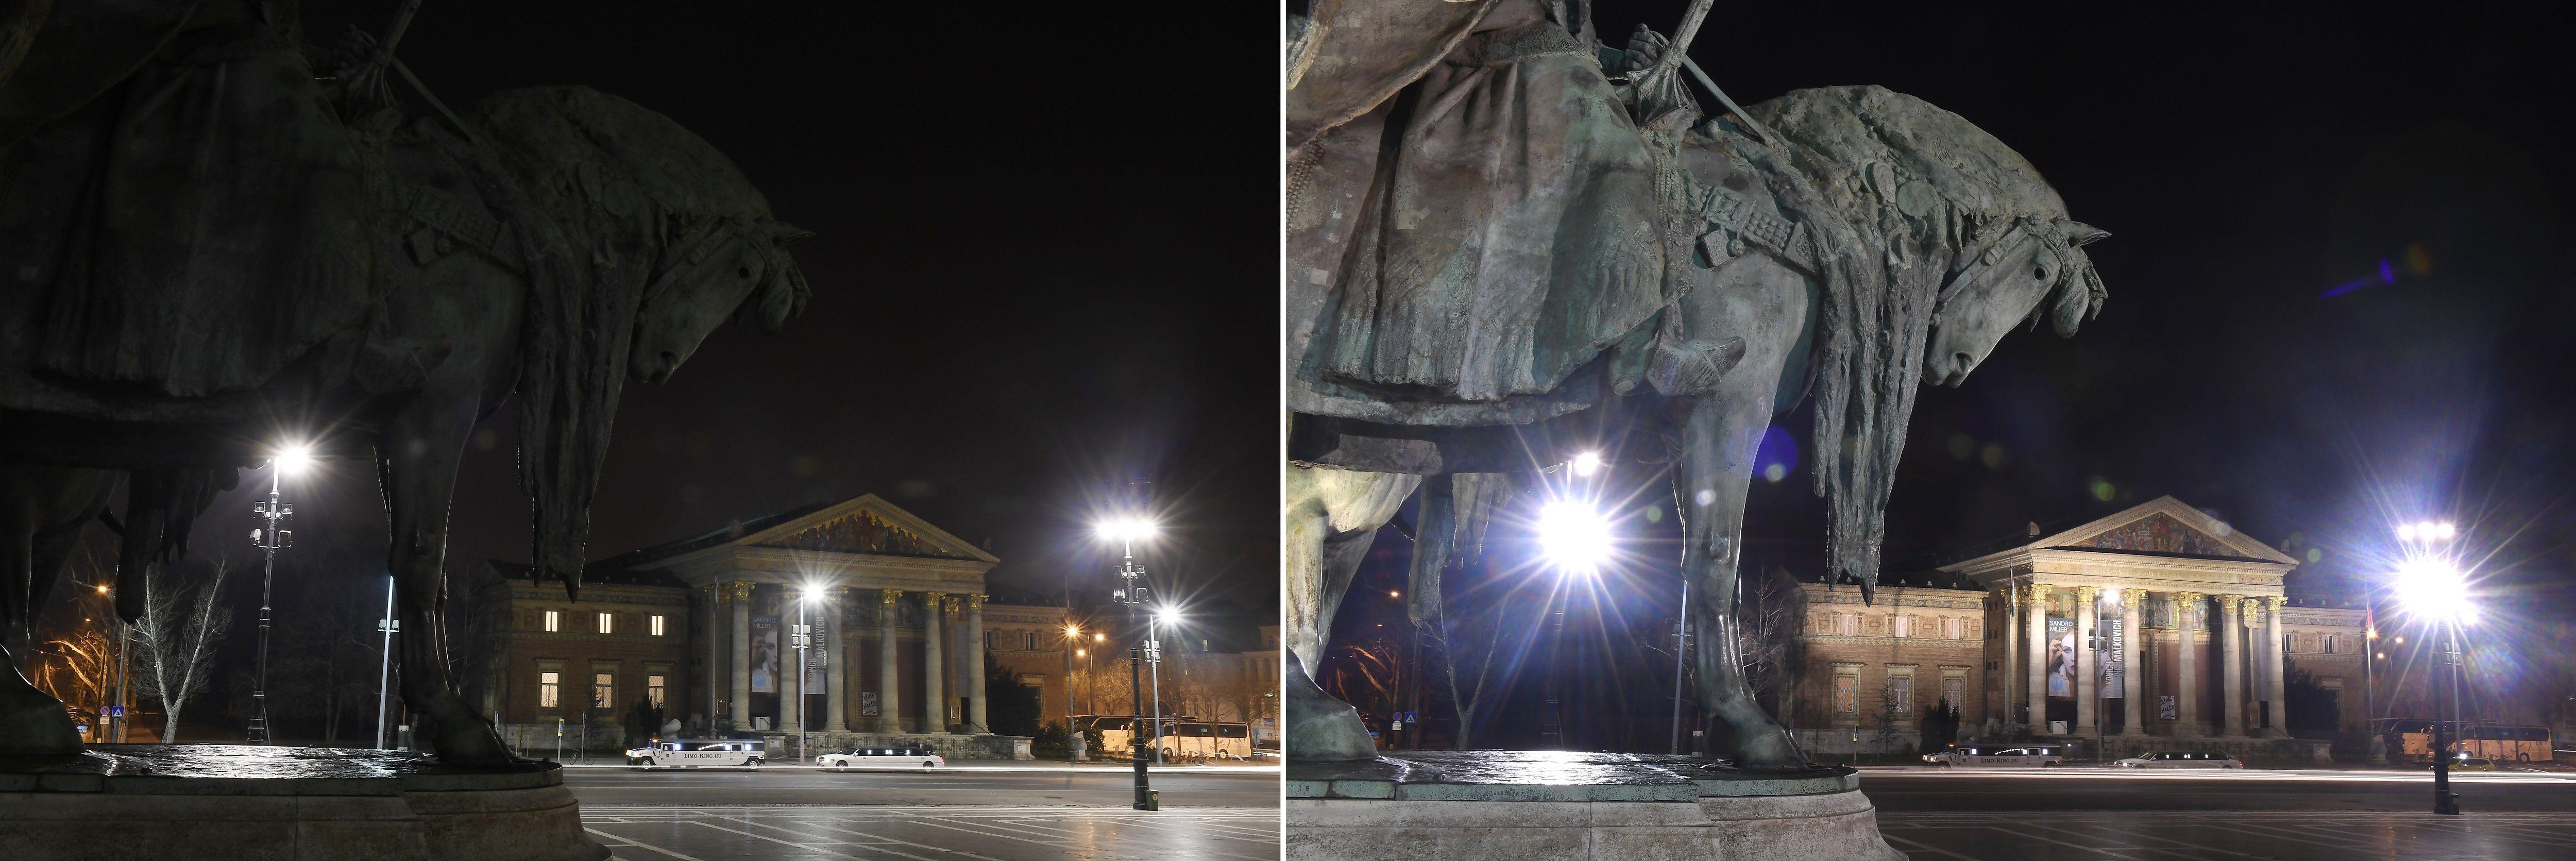 Budapest, 2018. március 24. Kombóképen a Mûcsarnok a Föld órája elnevezésû akció elõtt kivilágítva (jobbra), és az akció idején, kivilágítatlanul 2018. március 24-én este. A Természetvédelmi Világalap (WWF) kezdeményezésére a 2007-ben indult világméretû akcióban részt vevõ városokban március utolsó szombatján este fél kilenc és fél tíz között egy órára lekapcsolják a világítást, hogy felhívják a figyelmet a Földet fenyegetõ éghajlatváltozás veszélyeire. MTI Fotó: Kovács Tamás